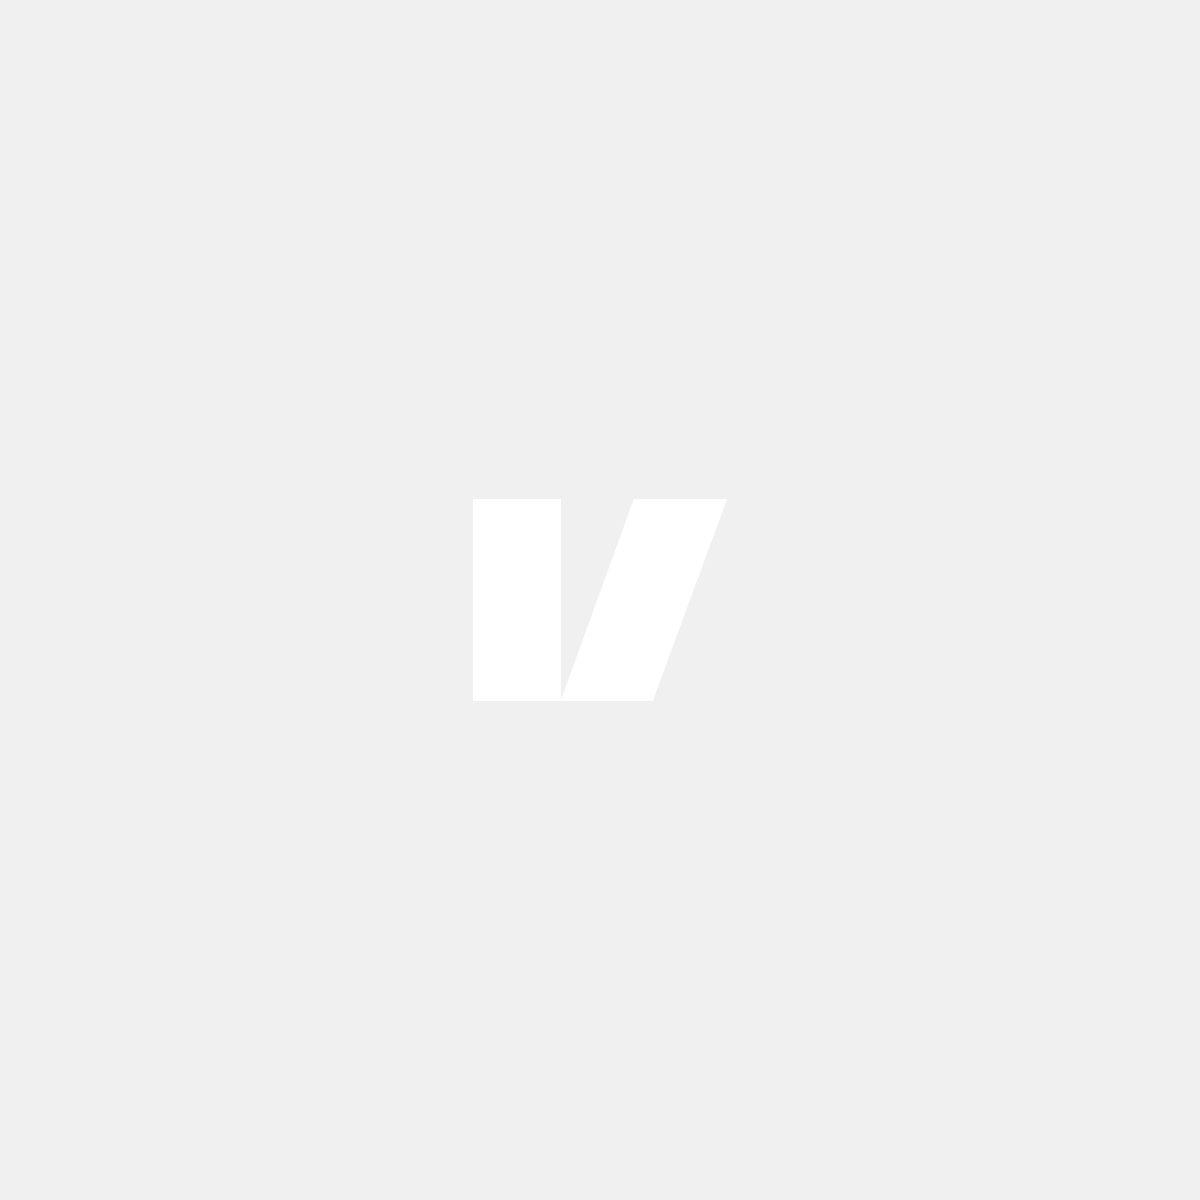 Bromsskivor bak till Volvo S70, V70, V70XC, 97-00, AWD 288mm